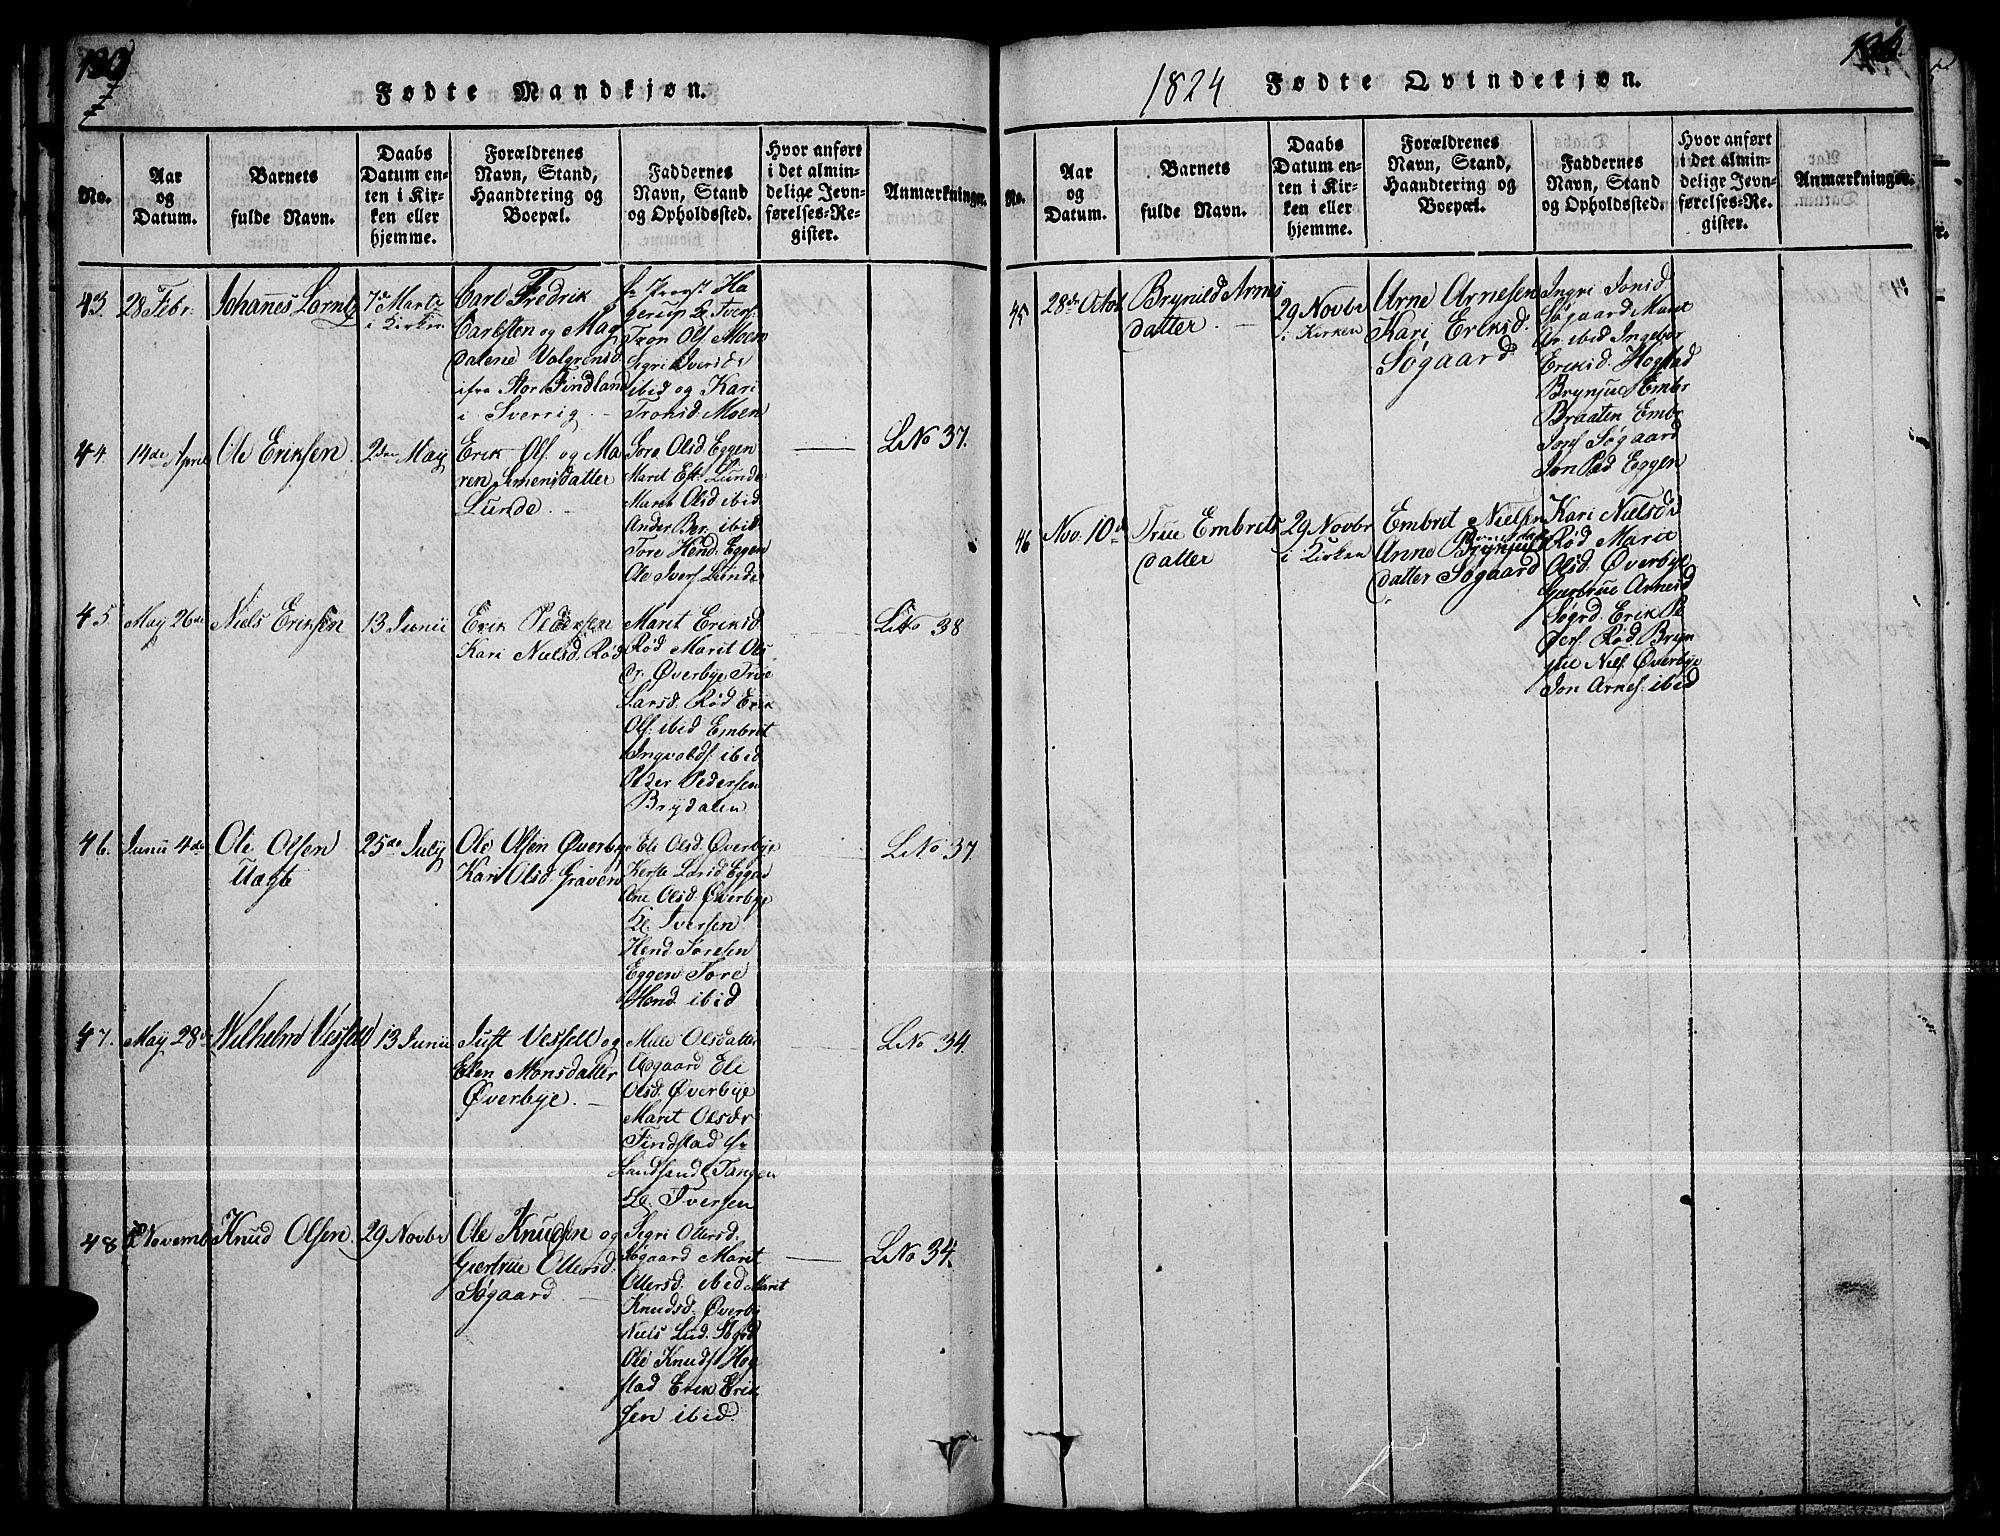 SAH, Tynset prestekontor, Parish register (official) no. 18, 1815-1829, p. 130-131